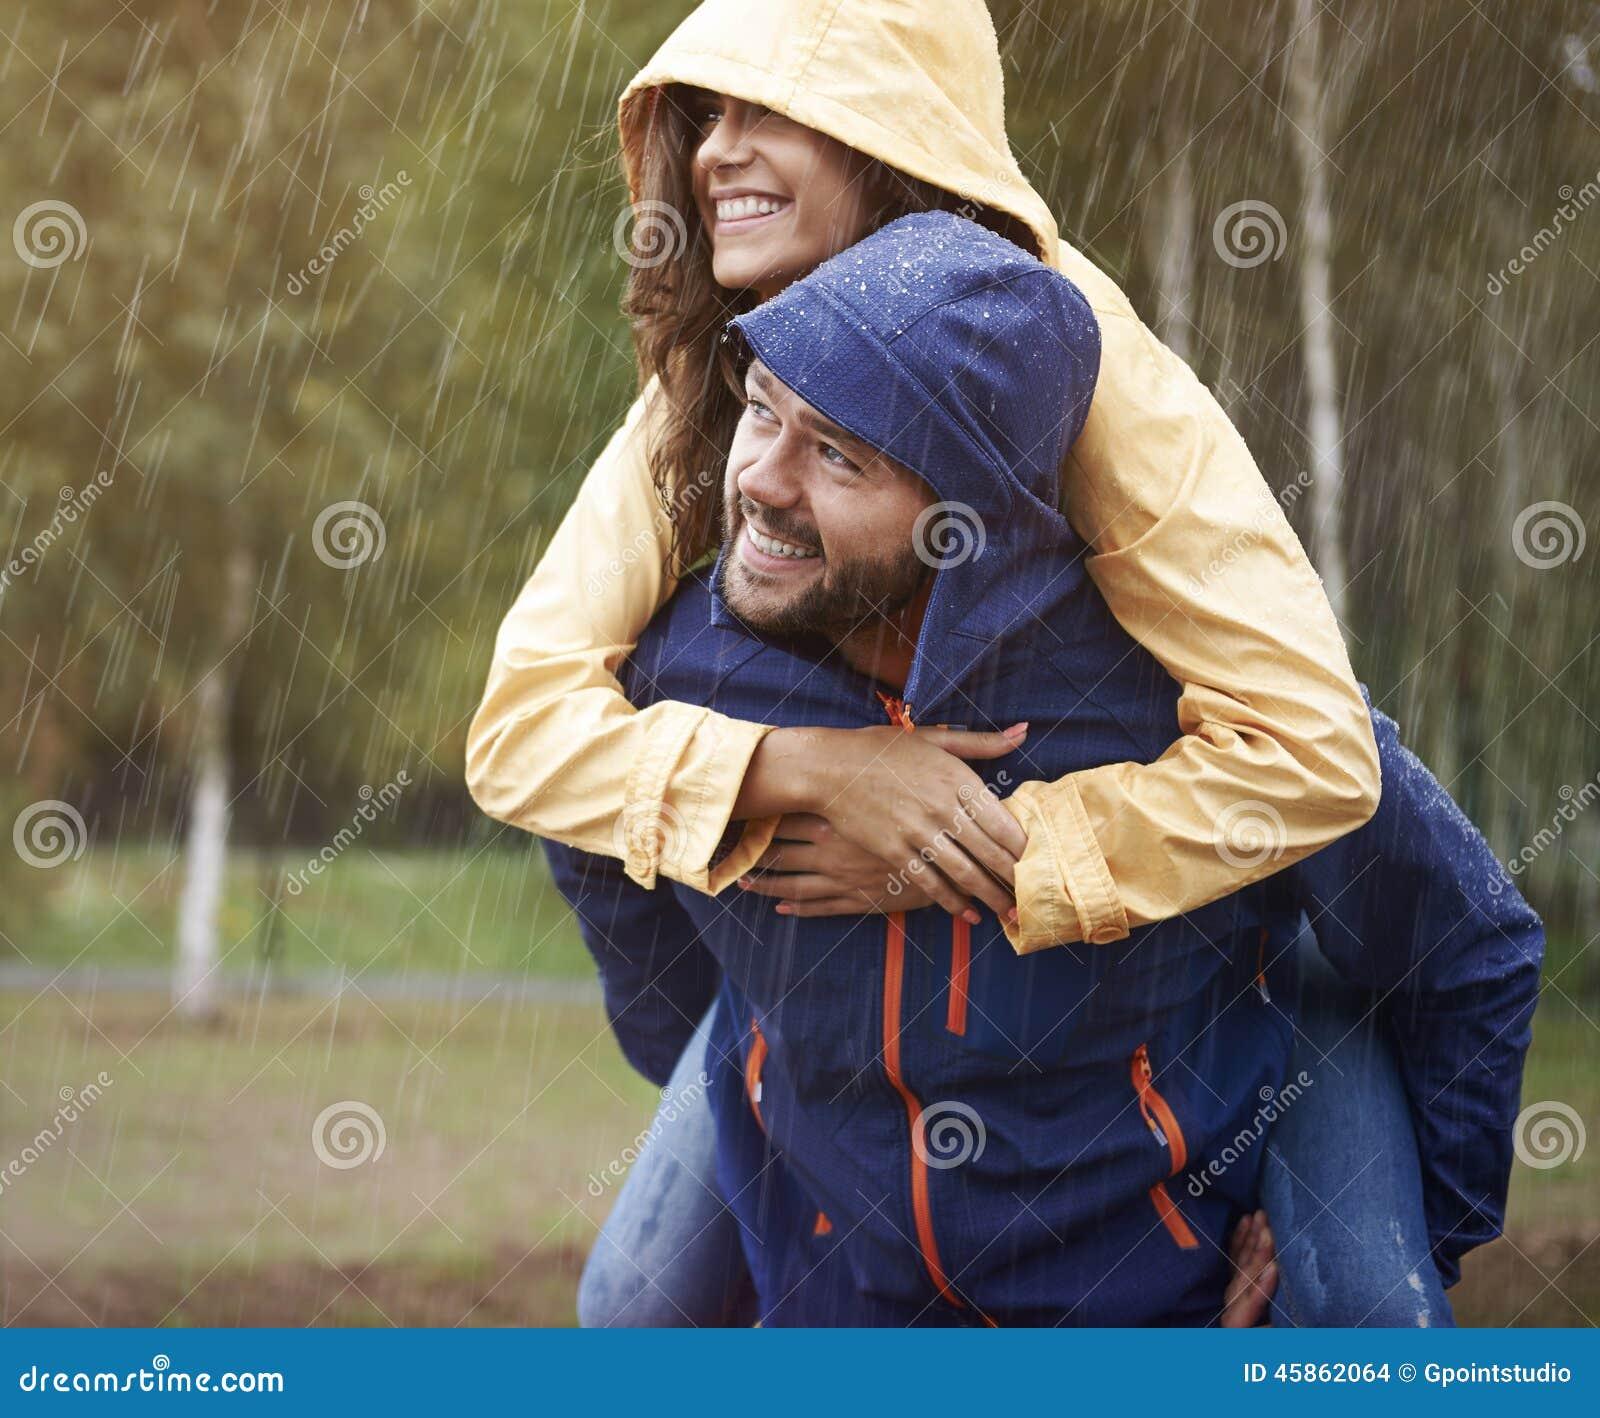 Happy Rainy Day: Couple During Rainy Day Stock Photo